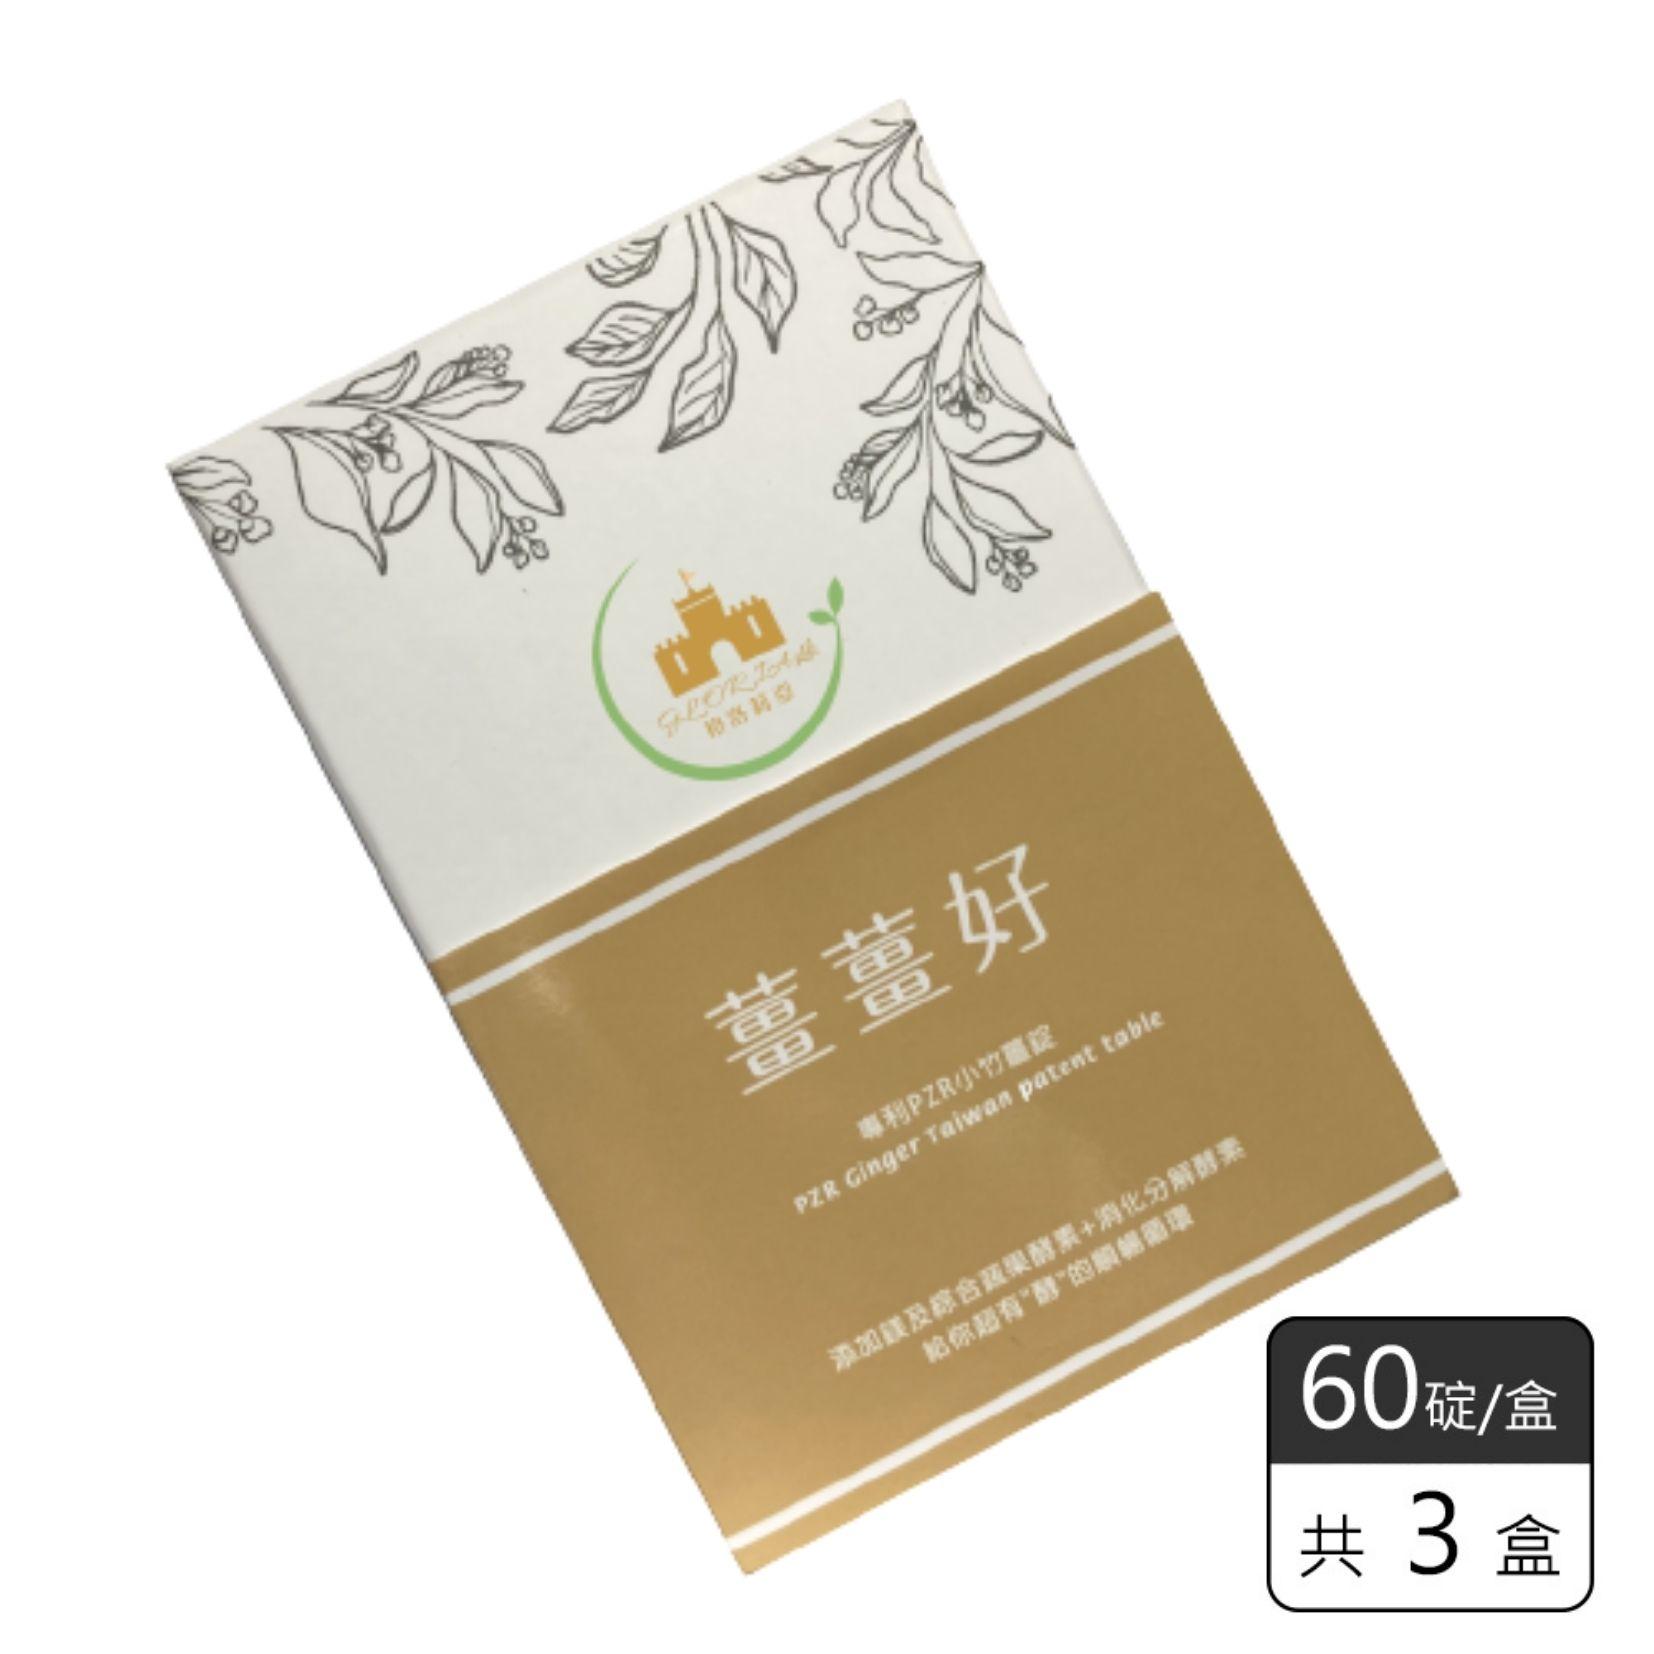 《格洛莉亞GLORIA》薑薑好(60碇入/盒,共3盒) 限時優惠